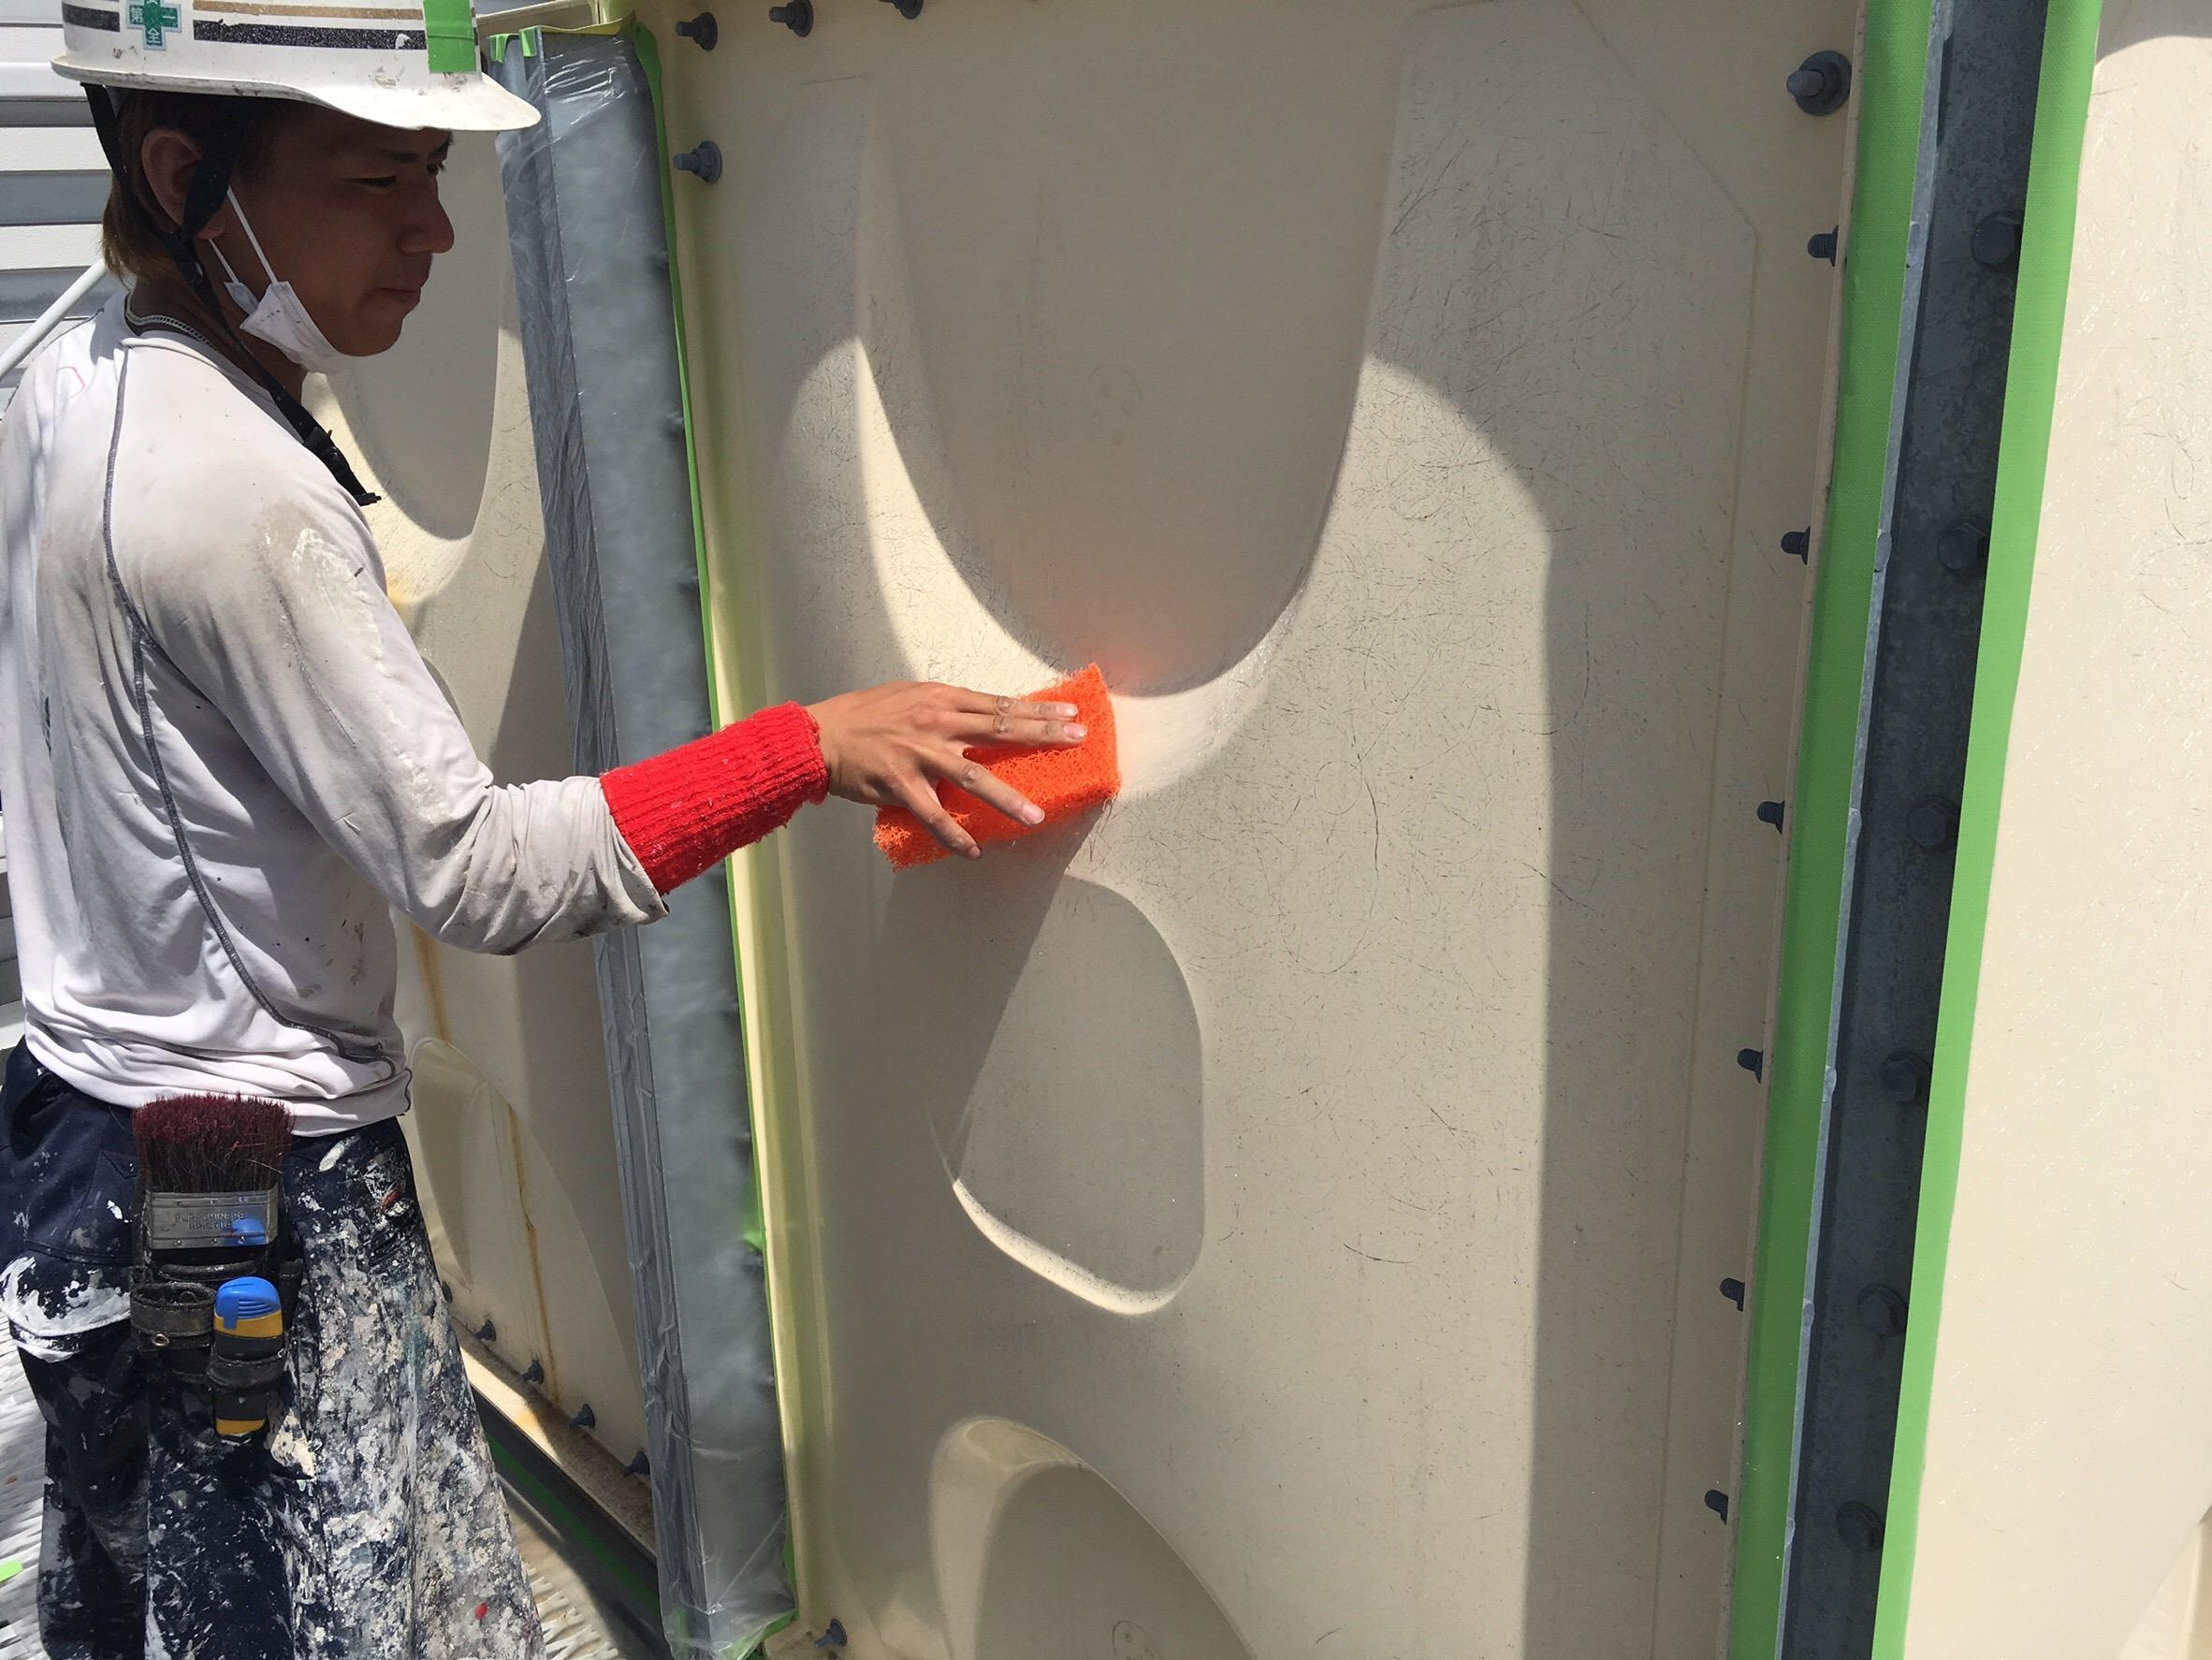 003 タンク改修塗装工事 ケレン・清掃